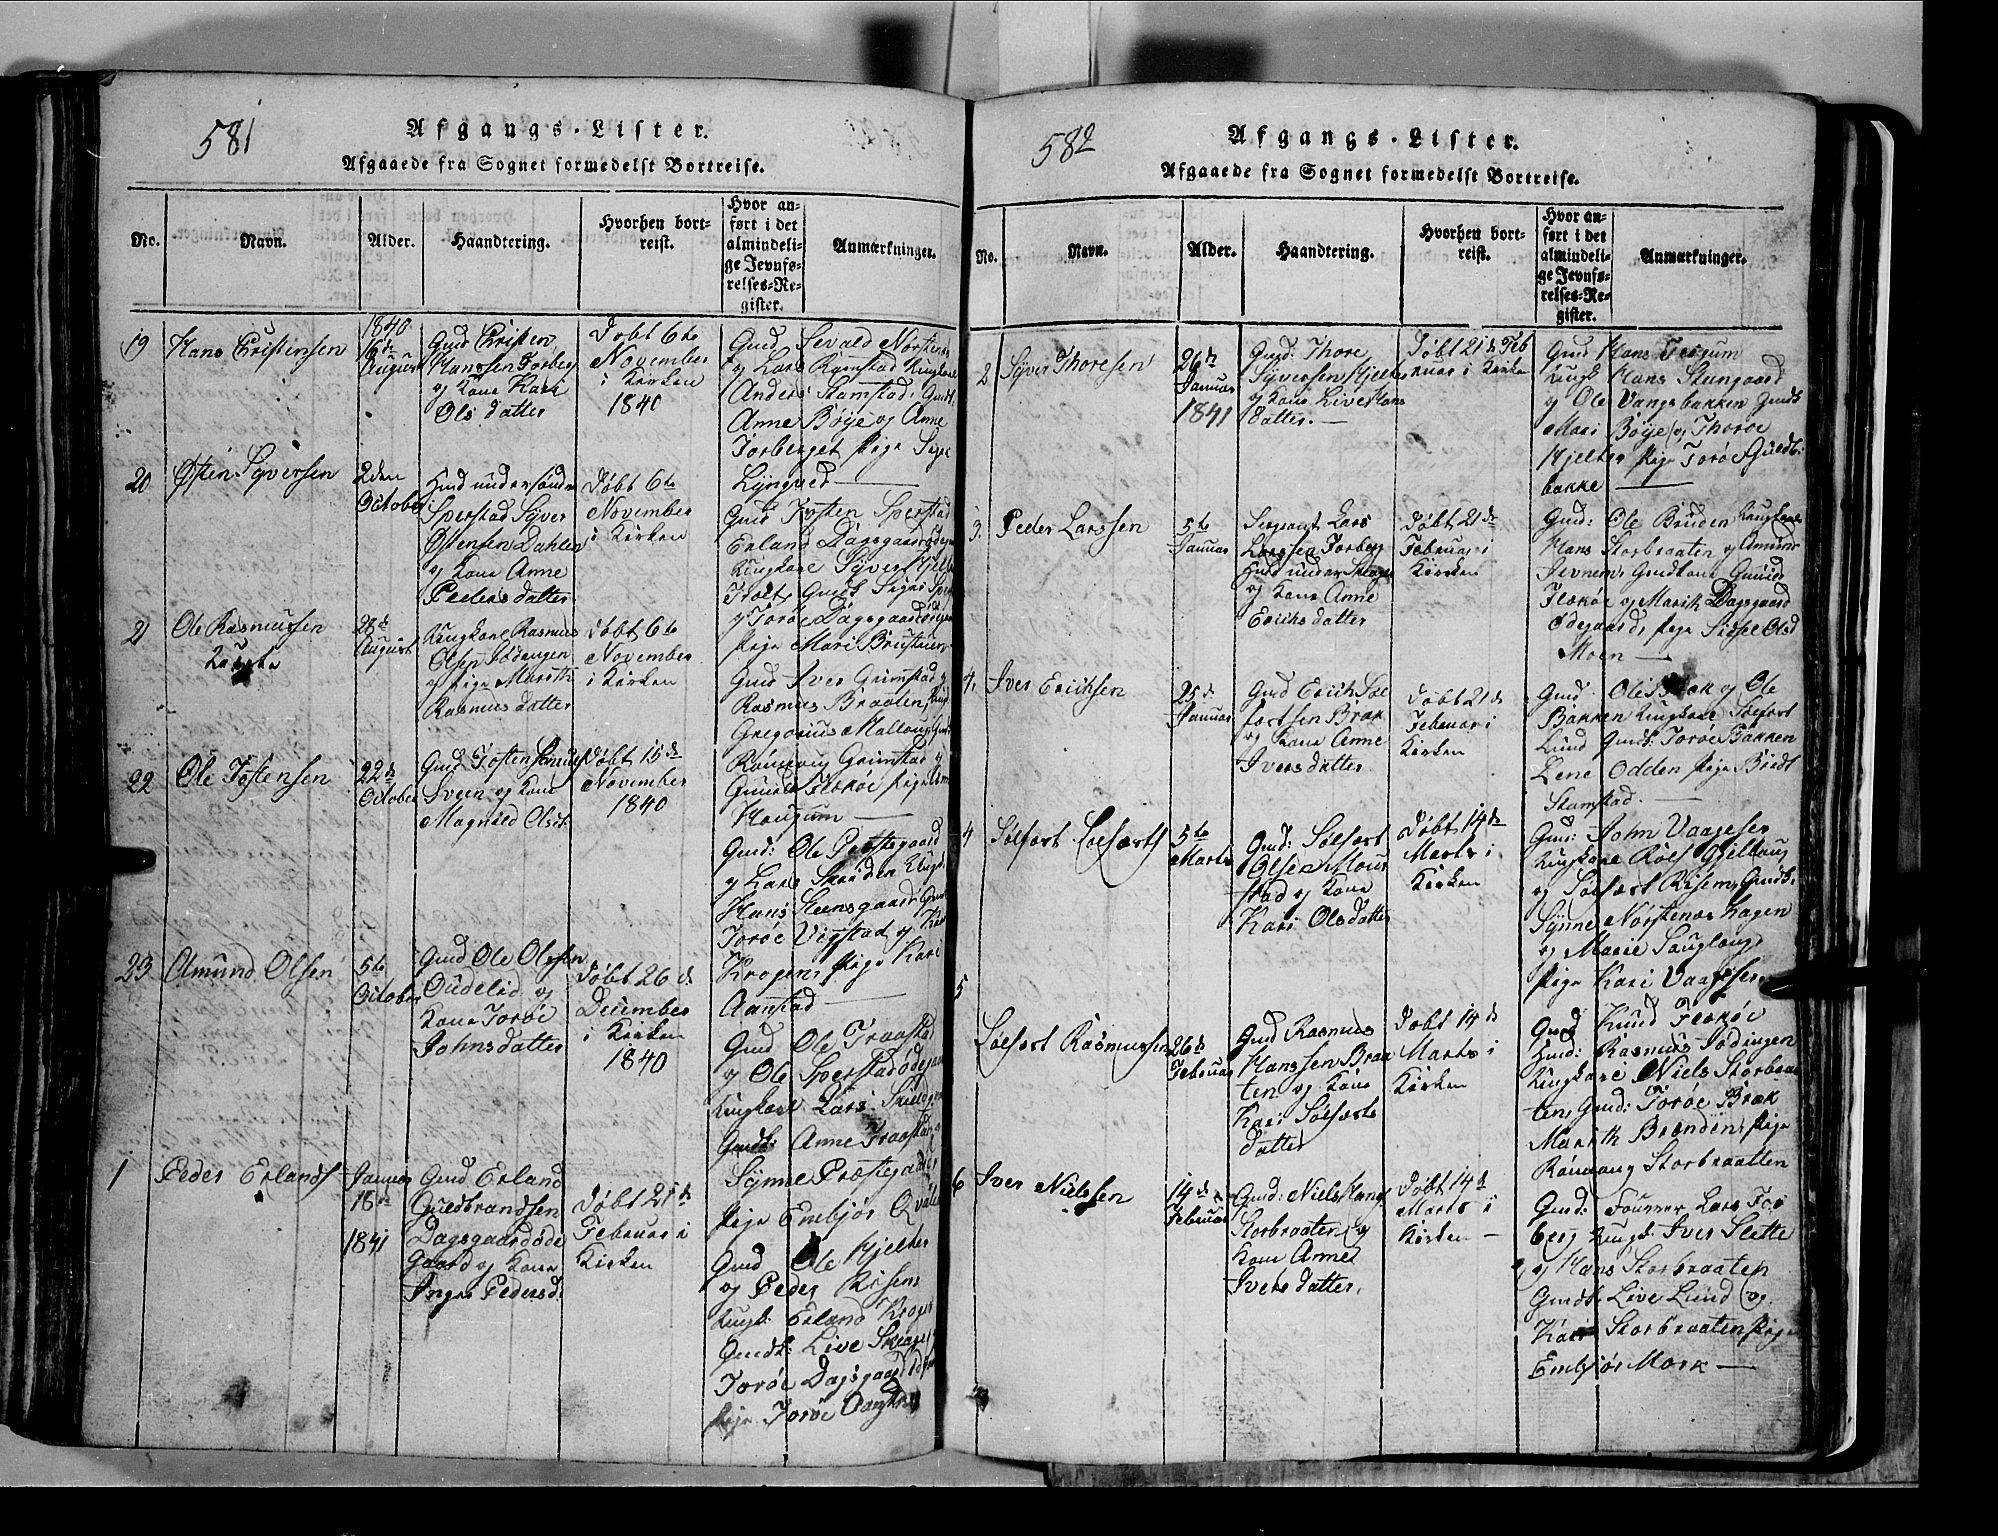 SAH, Lom prestekontor, L/L0003: Klokkerbok nr. 3, 1815-1844, s. 581-582